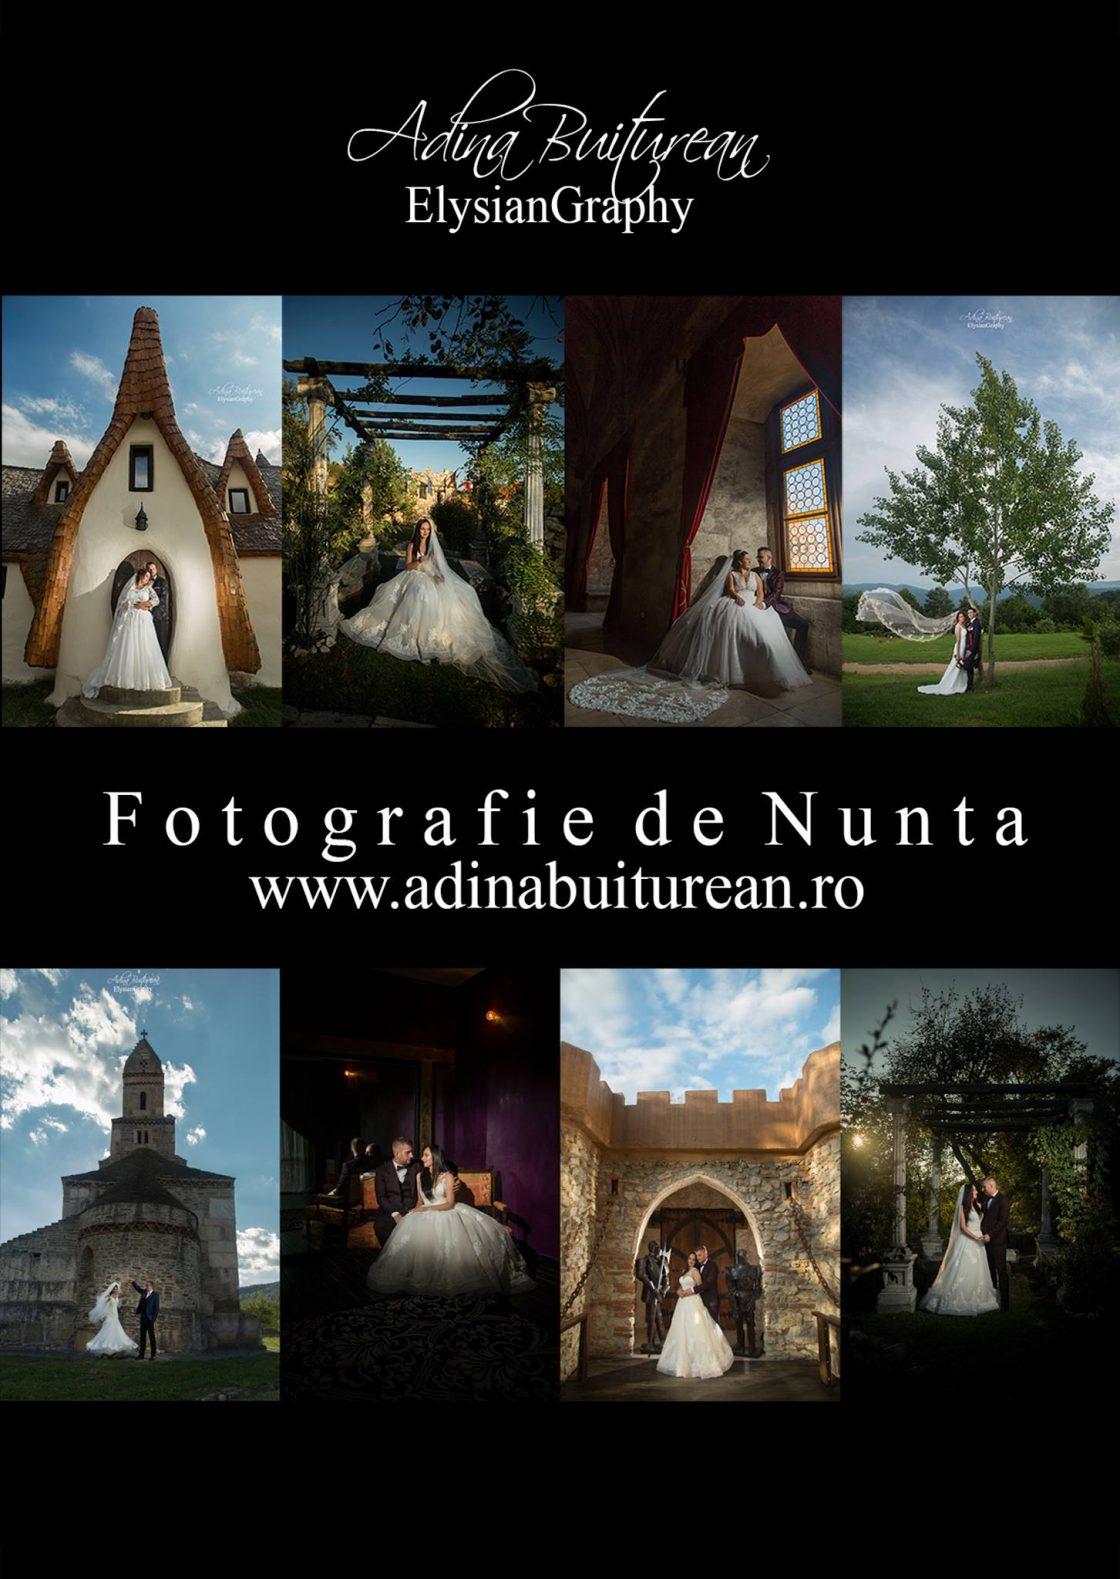 Fotografie de Nunta-Pachete si Oferte